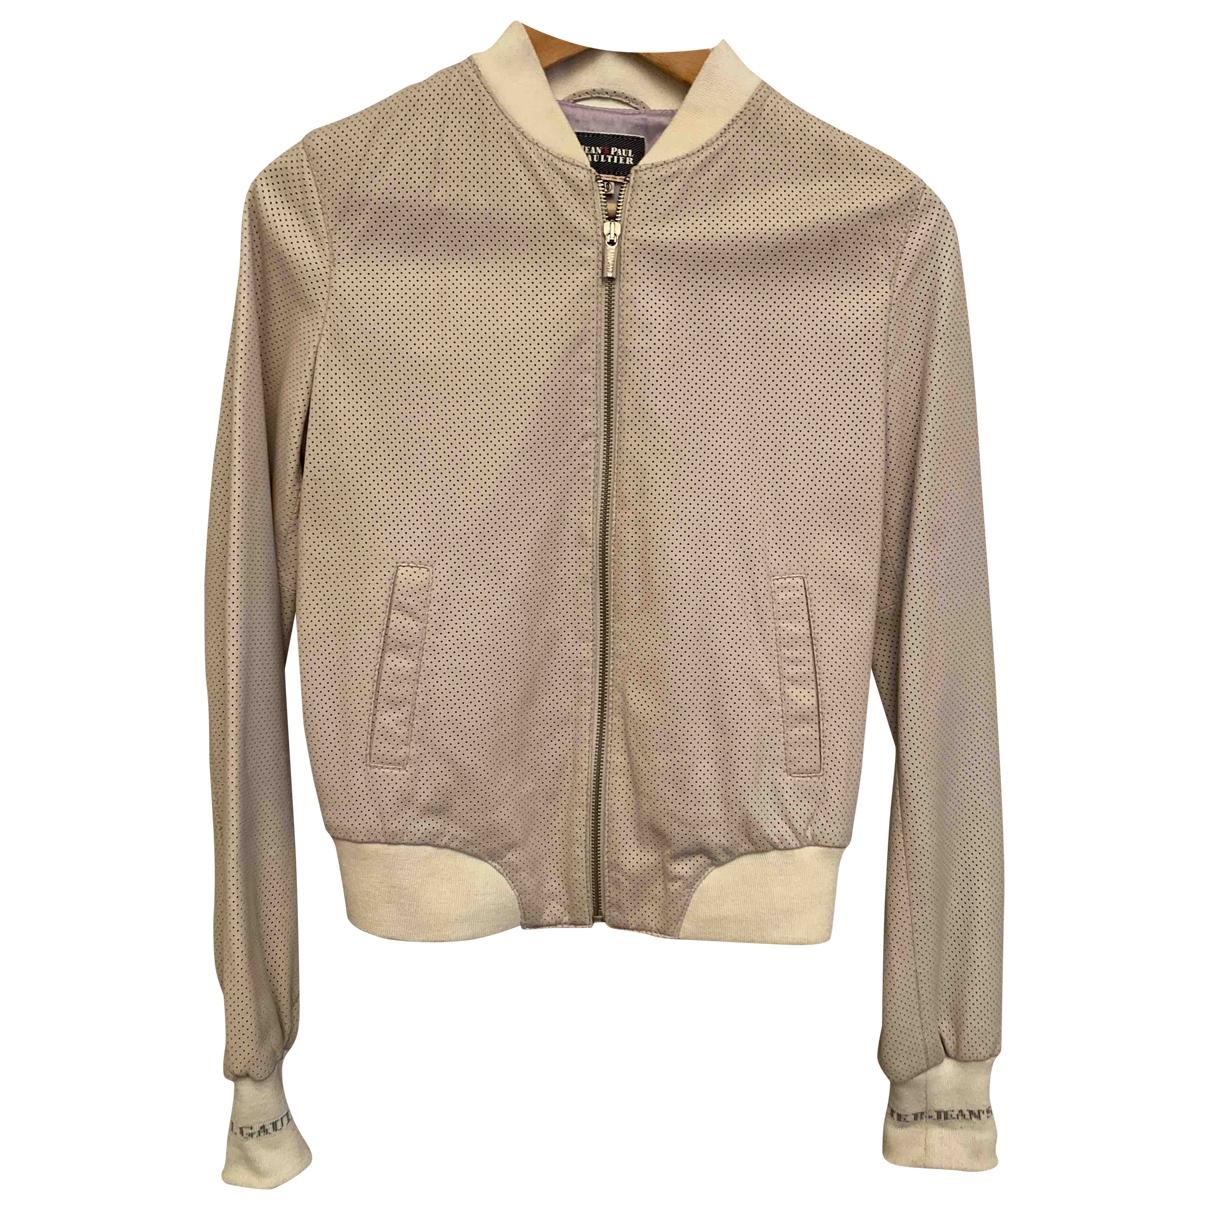 Jean Paul Gaultier \N Beige Leather jacket for Women 40 IT